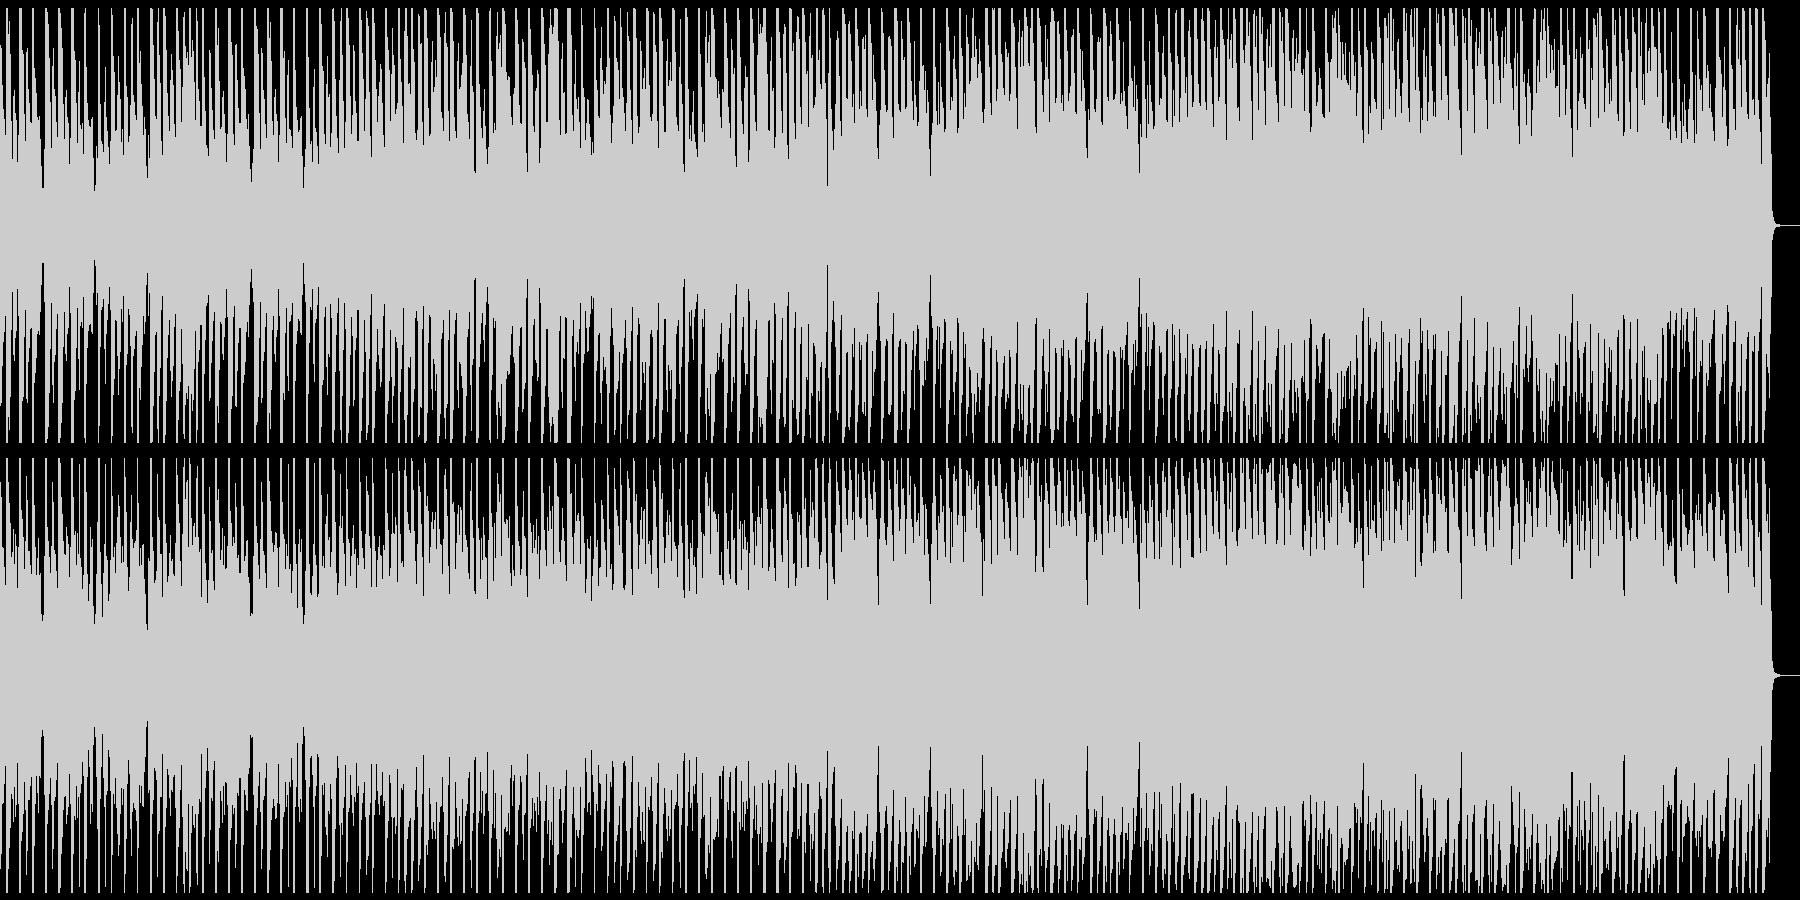 ジングルベル ゆったり南国風 ドラム抜きの未再生の波形